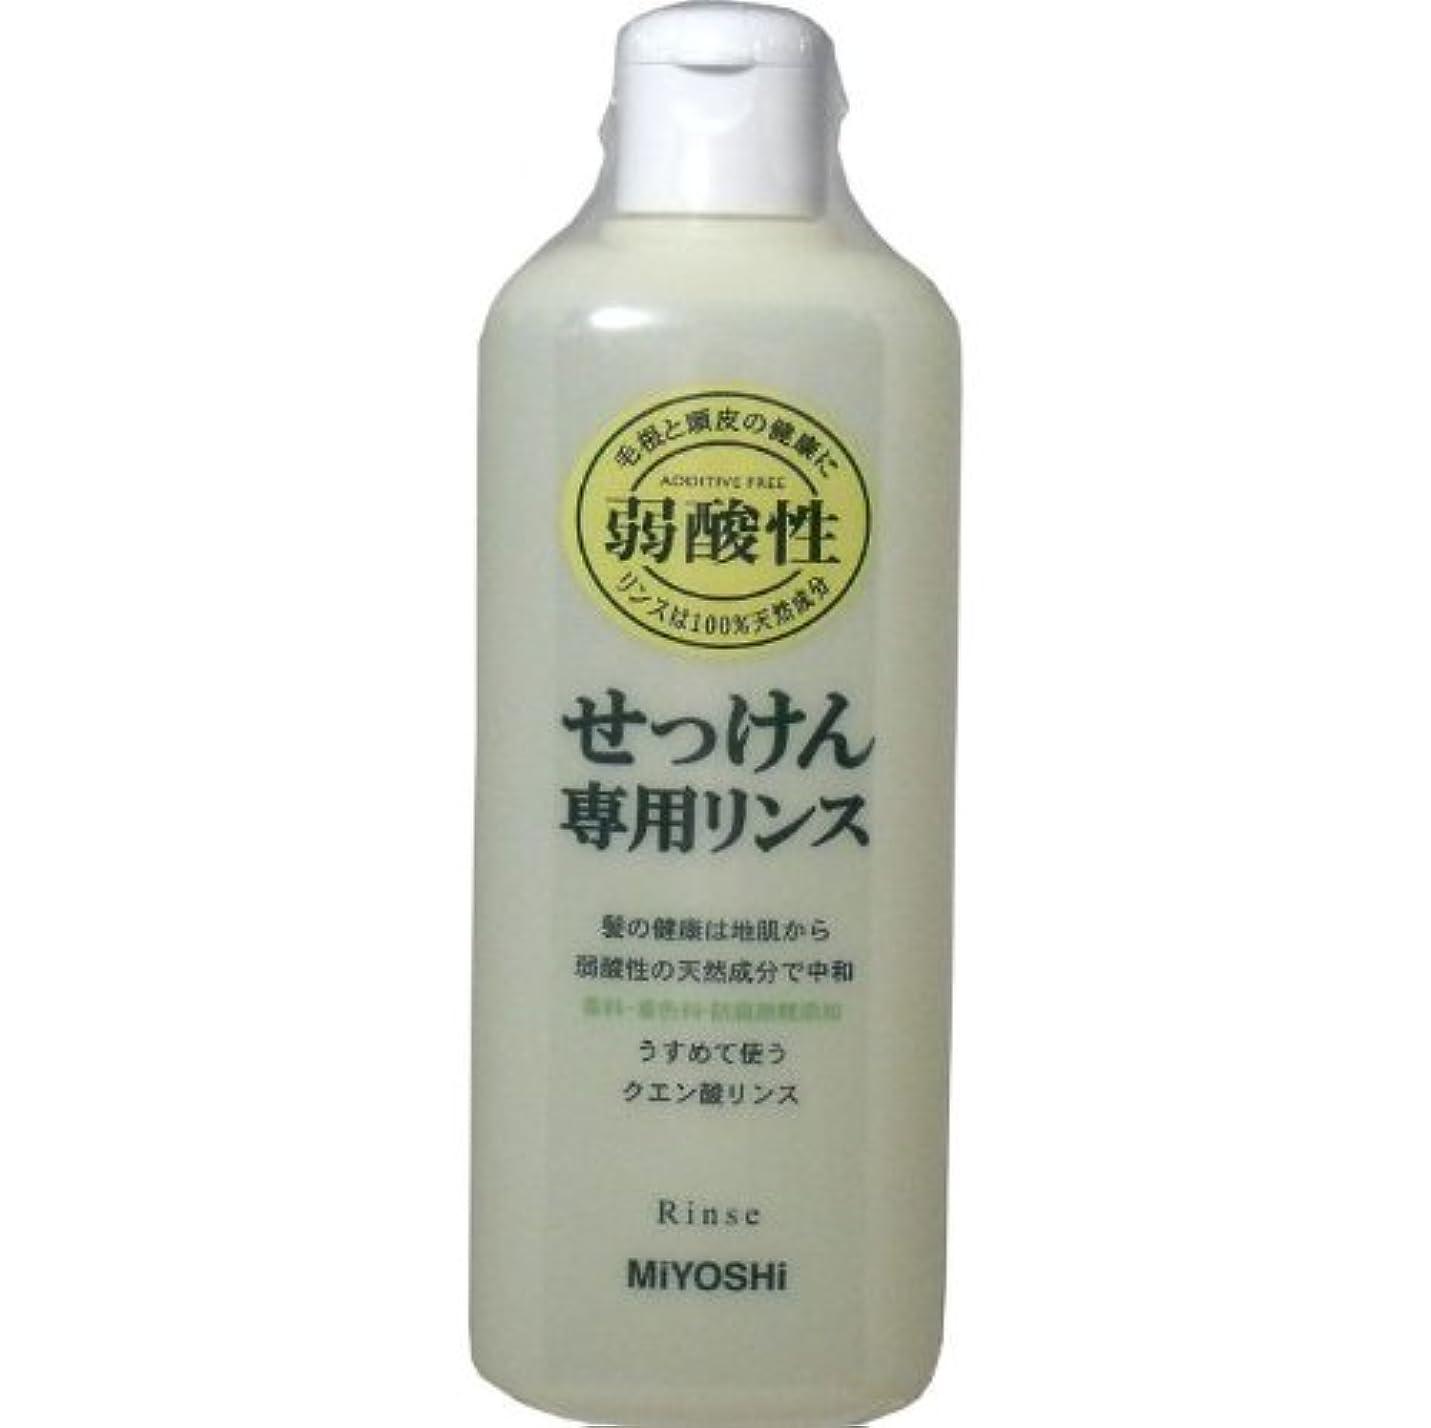 リーダーシップ大学院訴える髪の健康は地肌から、弱酸性の天然成分で中和!!香料、防腐剤、着色料無添加!うすめて使うクエン酸リンス!リンス 350mL【5個セット】